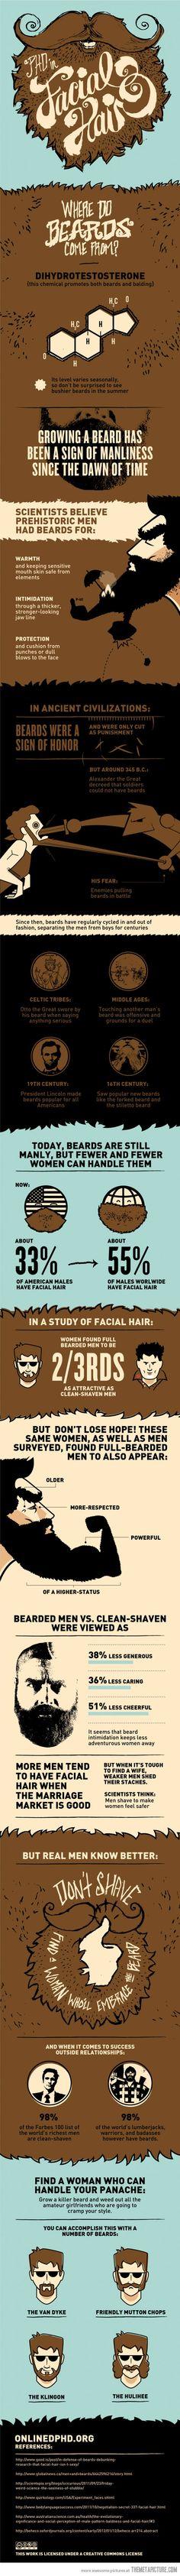 Embrace the beard